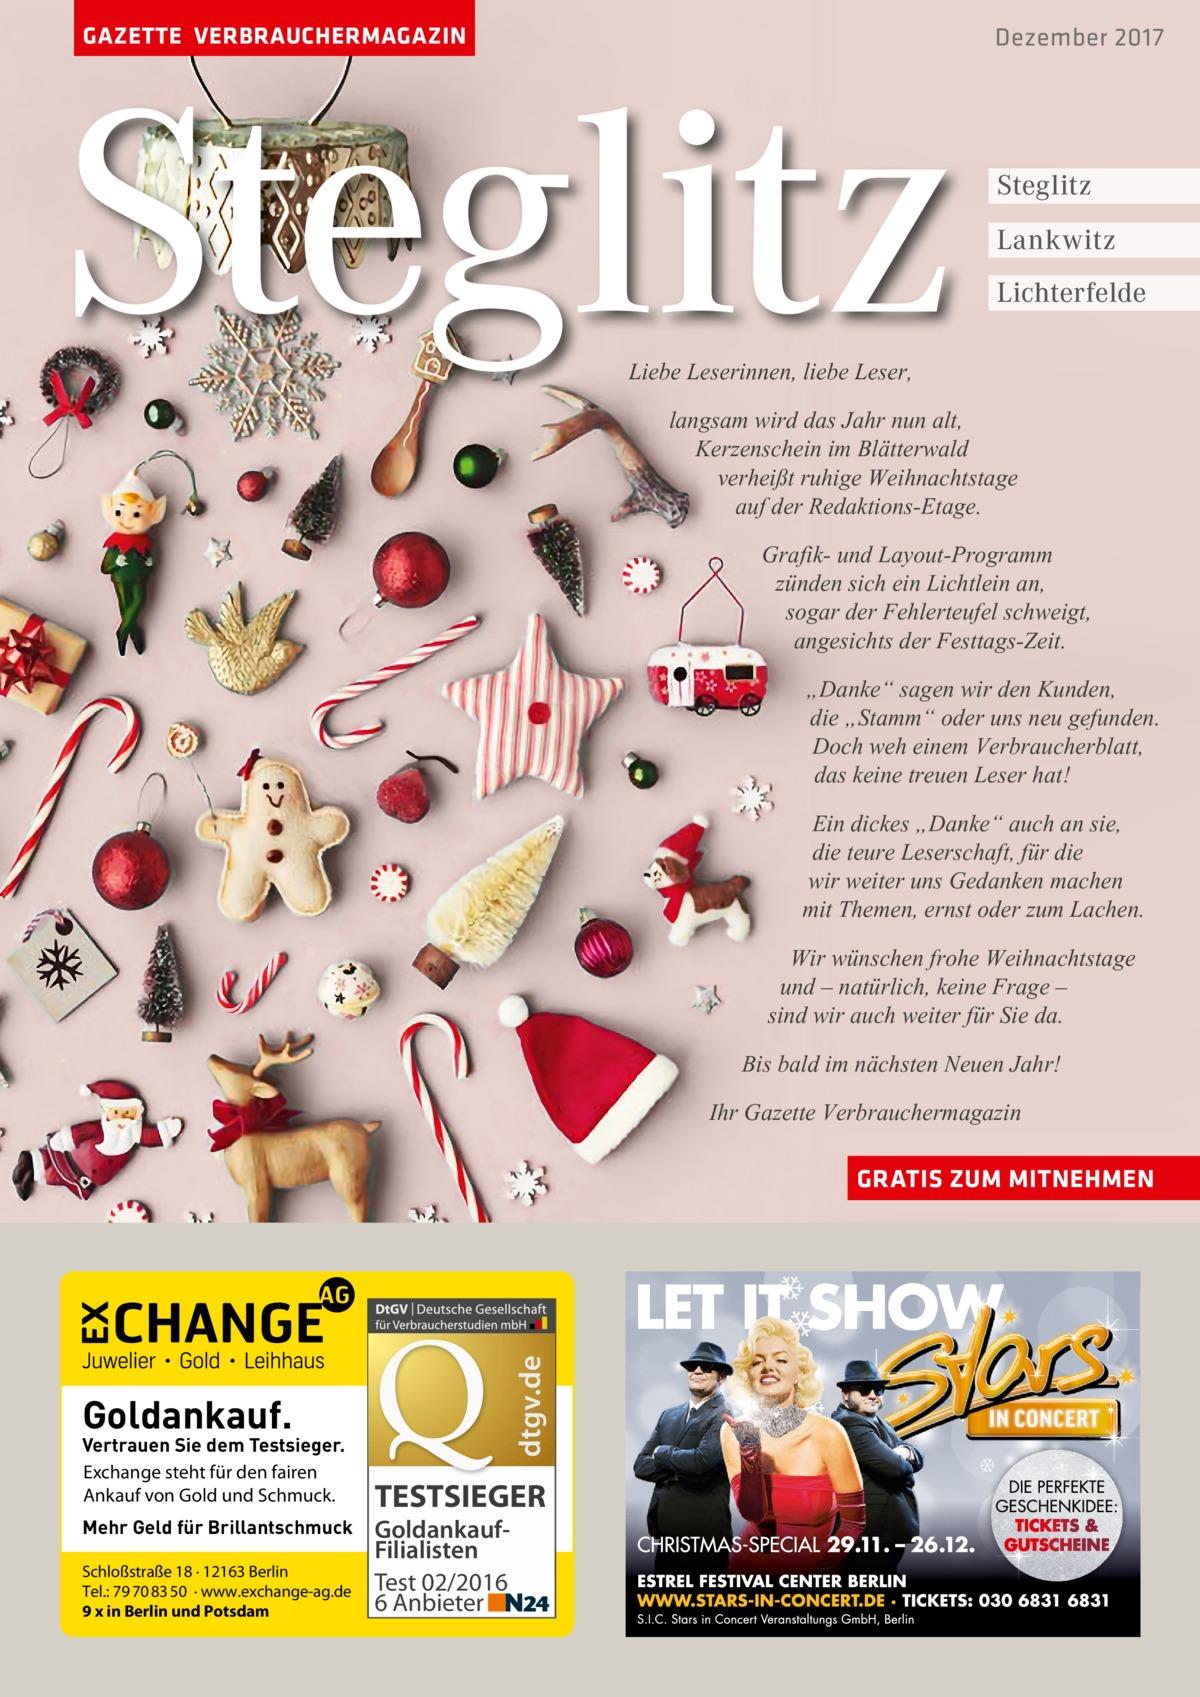 """GAZETTE VERBRAUCHERMAGAZIN  Steglitz  Dezember 2017  Steglitz Lankwitz Lichterfelde  Liebe Leserinnen, liebe Leser,  langsam wird das Jahr nun alt, Kerzenschein im Blätterwald verheißt ruhige Weihnachtstage auf der Redaktions-Etage. Grafik- und Layout-Programm zünden sich ein Lichtlein an, sogar der Fehlerteufel schweigt, angesichts der Festtags-Zeit. """"Danke"""" sagen wir den Kunden, die """"Stamm"""" oder uns neu gefunden. Doch weh einem Verbraucherblatt, das keine treuen Leser hat! Ein dickes """"Danke"""" auch an sie, die teure Leserschaft, für die wir weiter uns Gedanken machen mit Themen, ernst oder zum Lachen. Wir wünschen frohe Weihnachtstage und – natürlich, keine Frage – sind wir auch weiter für Sie da. Bis bald im nächsten Neuen Jahr! Ihr Gazette Verbrauchermagazin  dtgv.de  GRATIS ZUM MITNEHMEN  Goldankauf.  Vertrauen Sie dem Testsieger. Exchange steht für den fairen Ankauf von Gold und Schmuck. Mehr Geld für Brillantschmuck Schloßstraße 18 · 12163 Berlin Tel.: 79 70 83 50 · www.exchange-ag.de 9 x in Berlin und Potsdam  TESTSIEGER GoldankaufFilialisten Test 02/2016 6 Anbieter"""